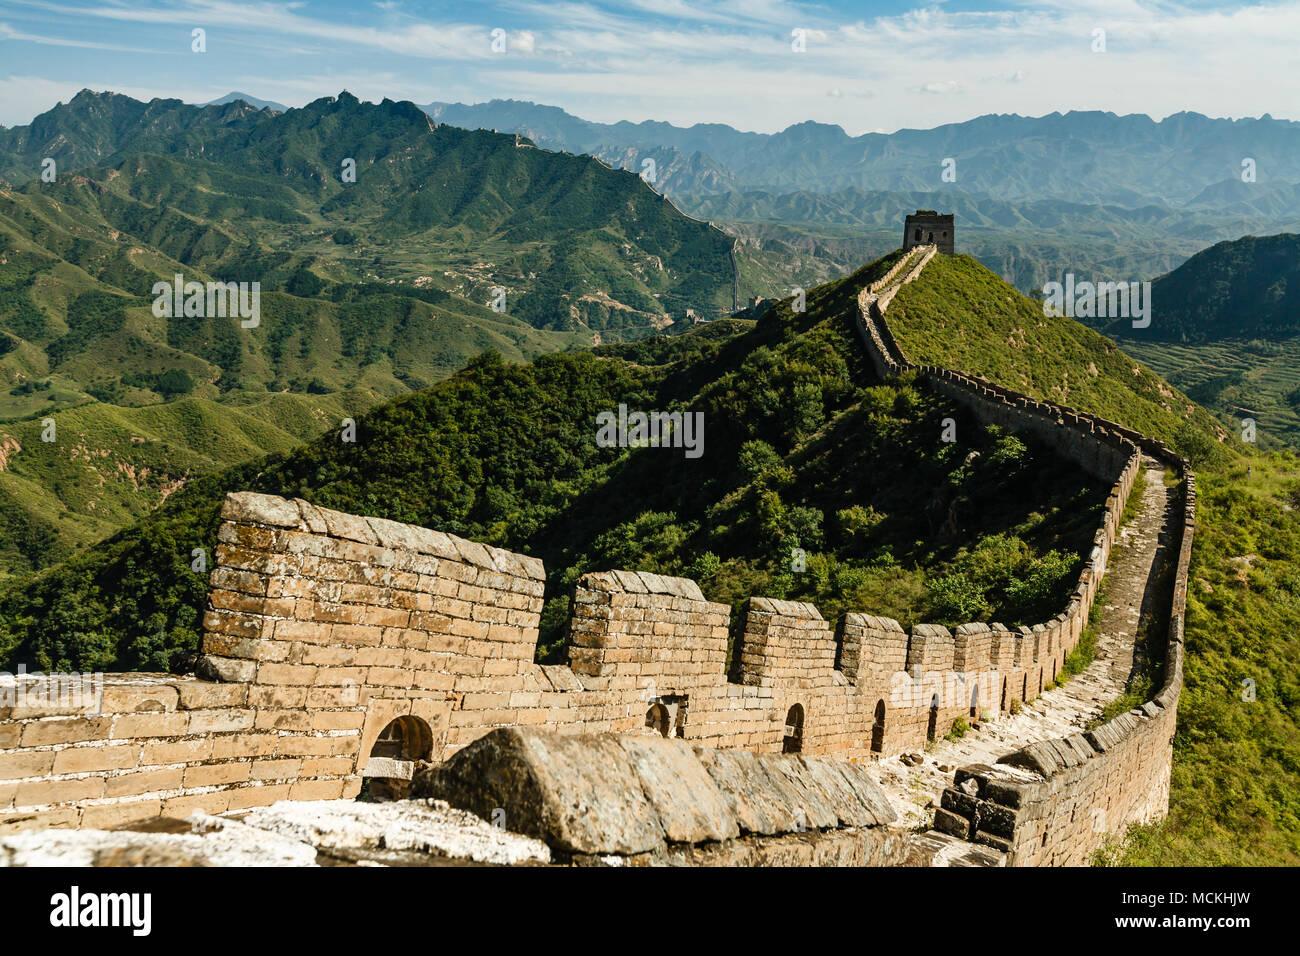 Large du tronçon de la Grande Muraille de Chine et le vert paysage montagneux Photo Stock